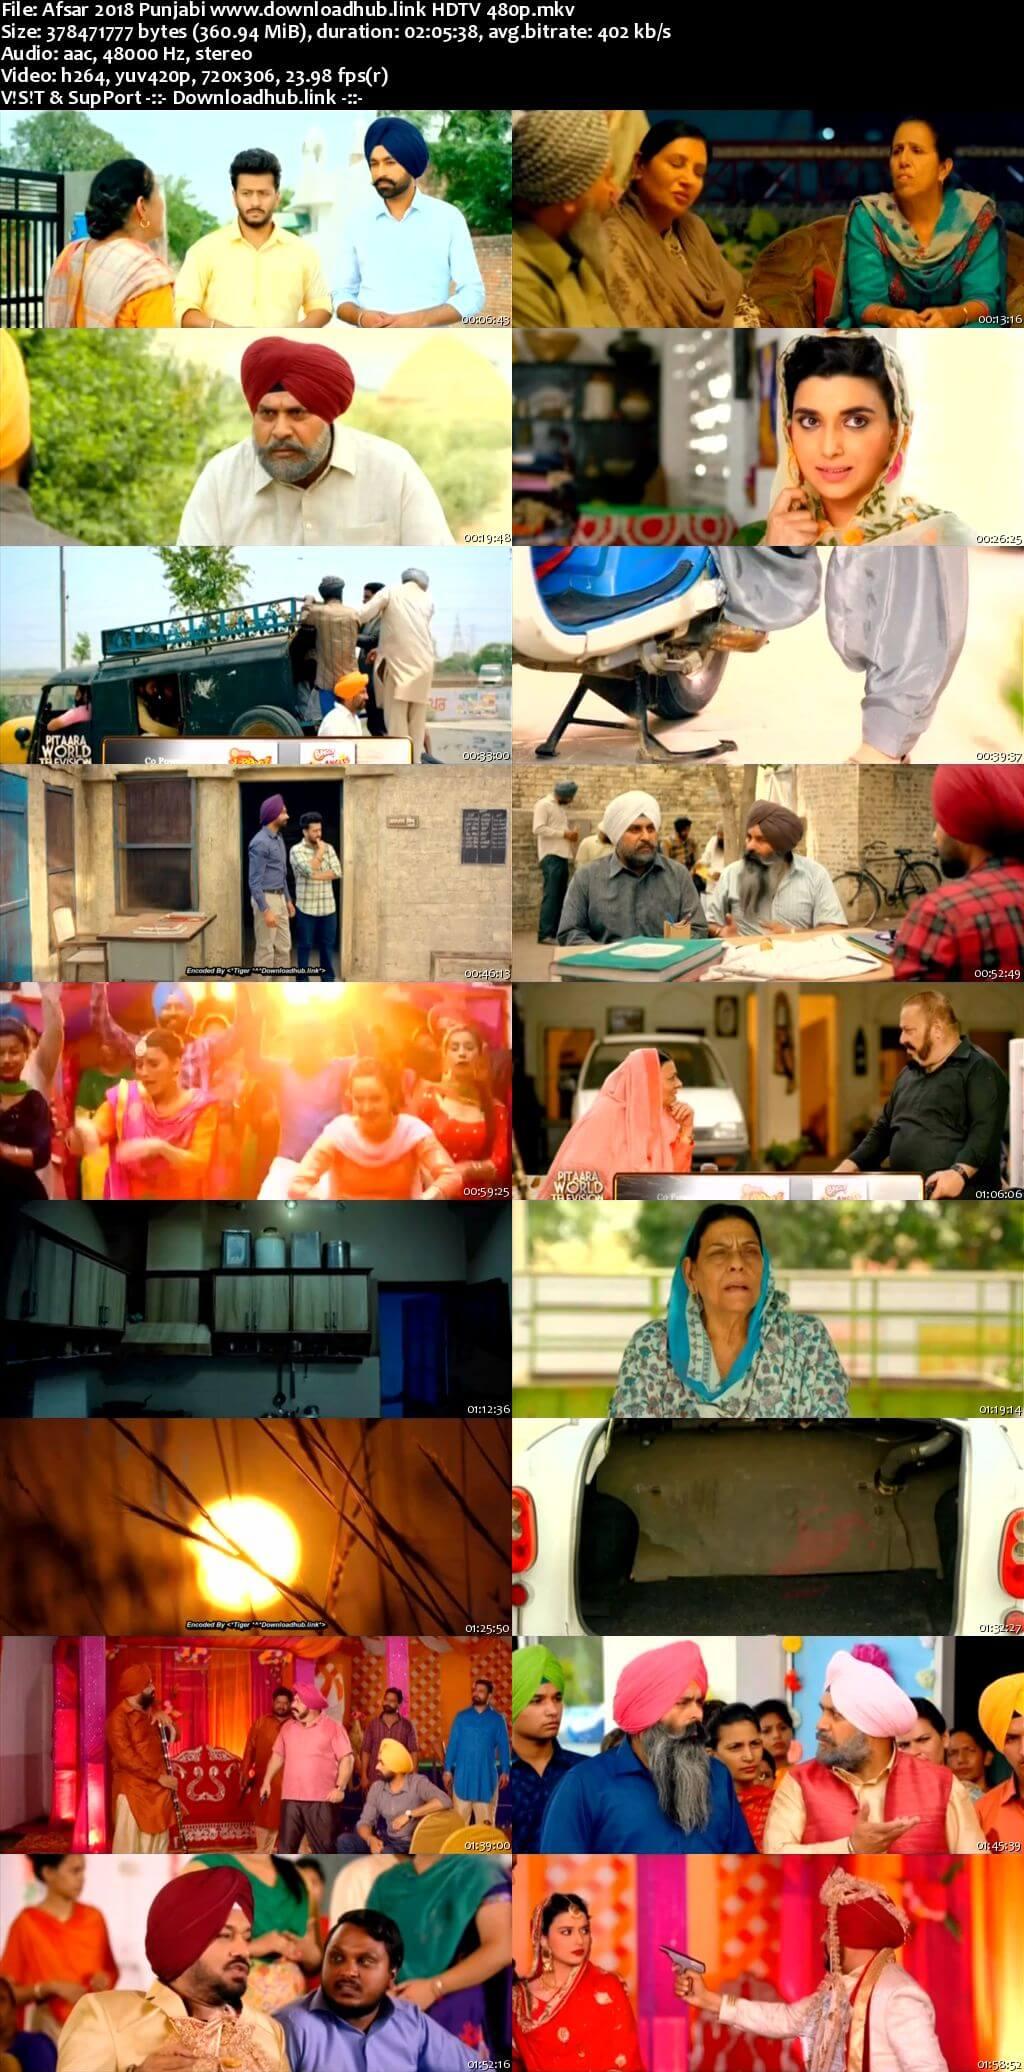 Afsar 2018 Punjabi 350MB HDTV 480p